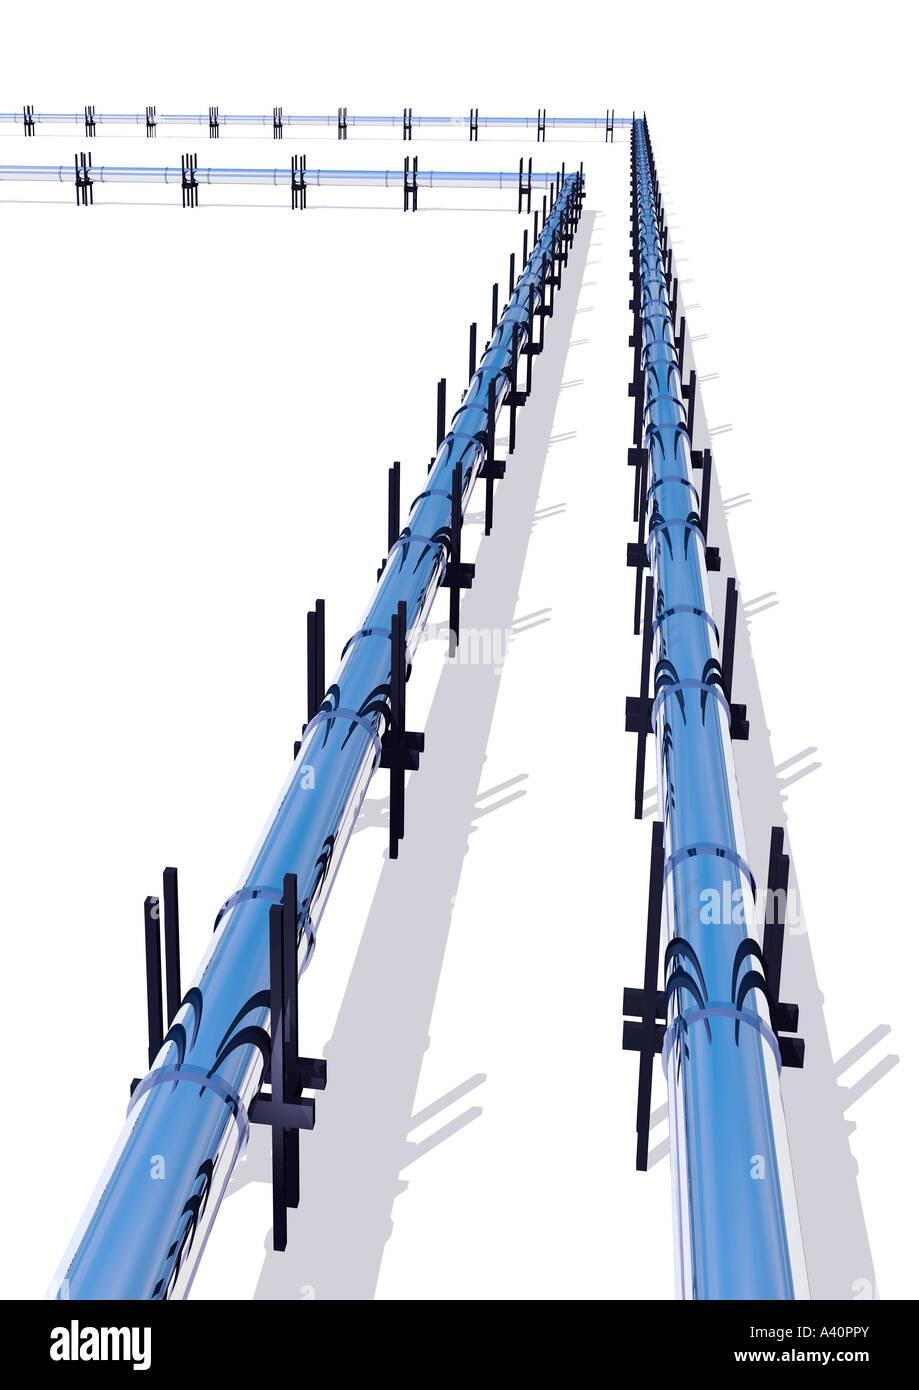 Pipelines Photo Stock